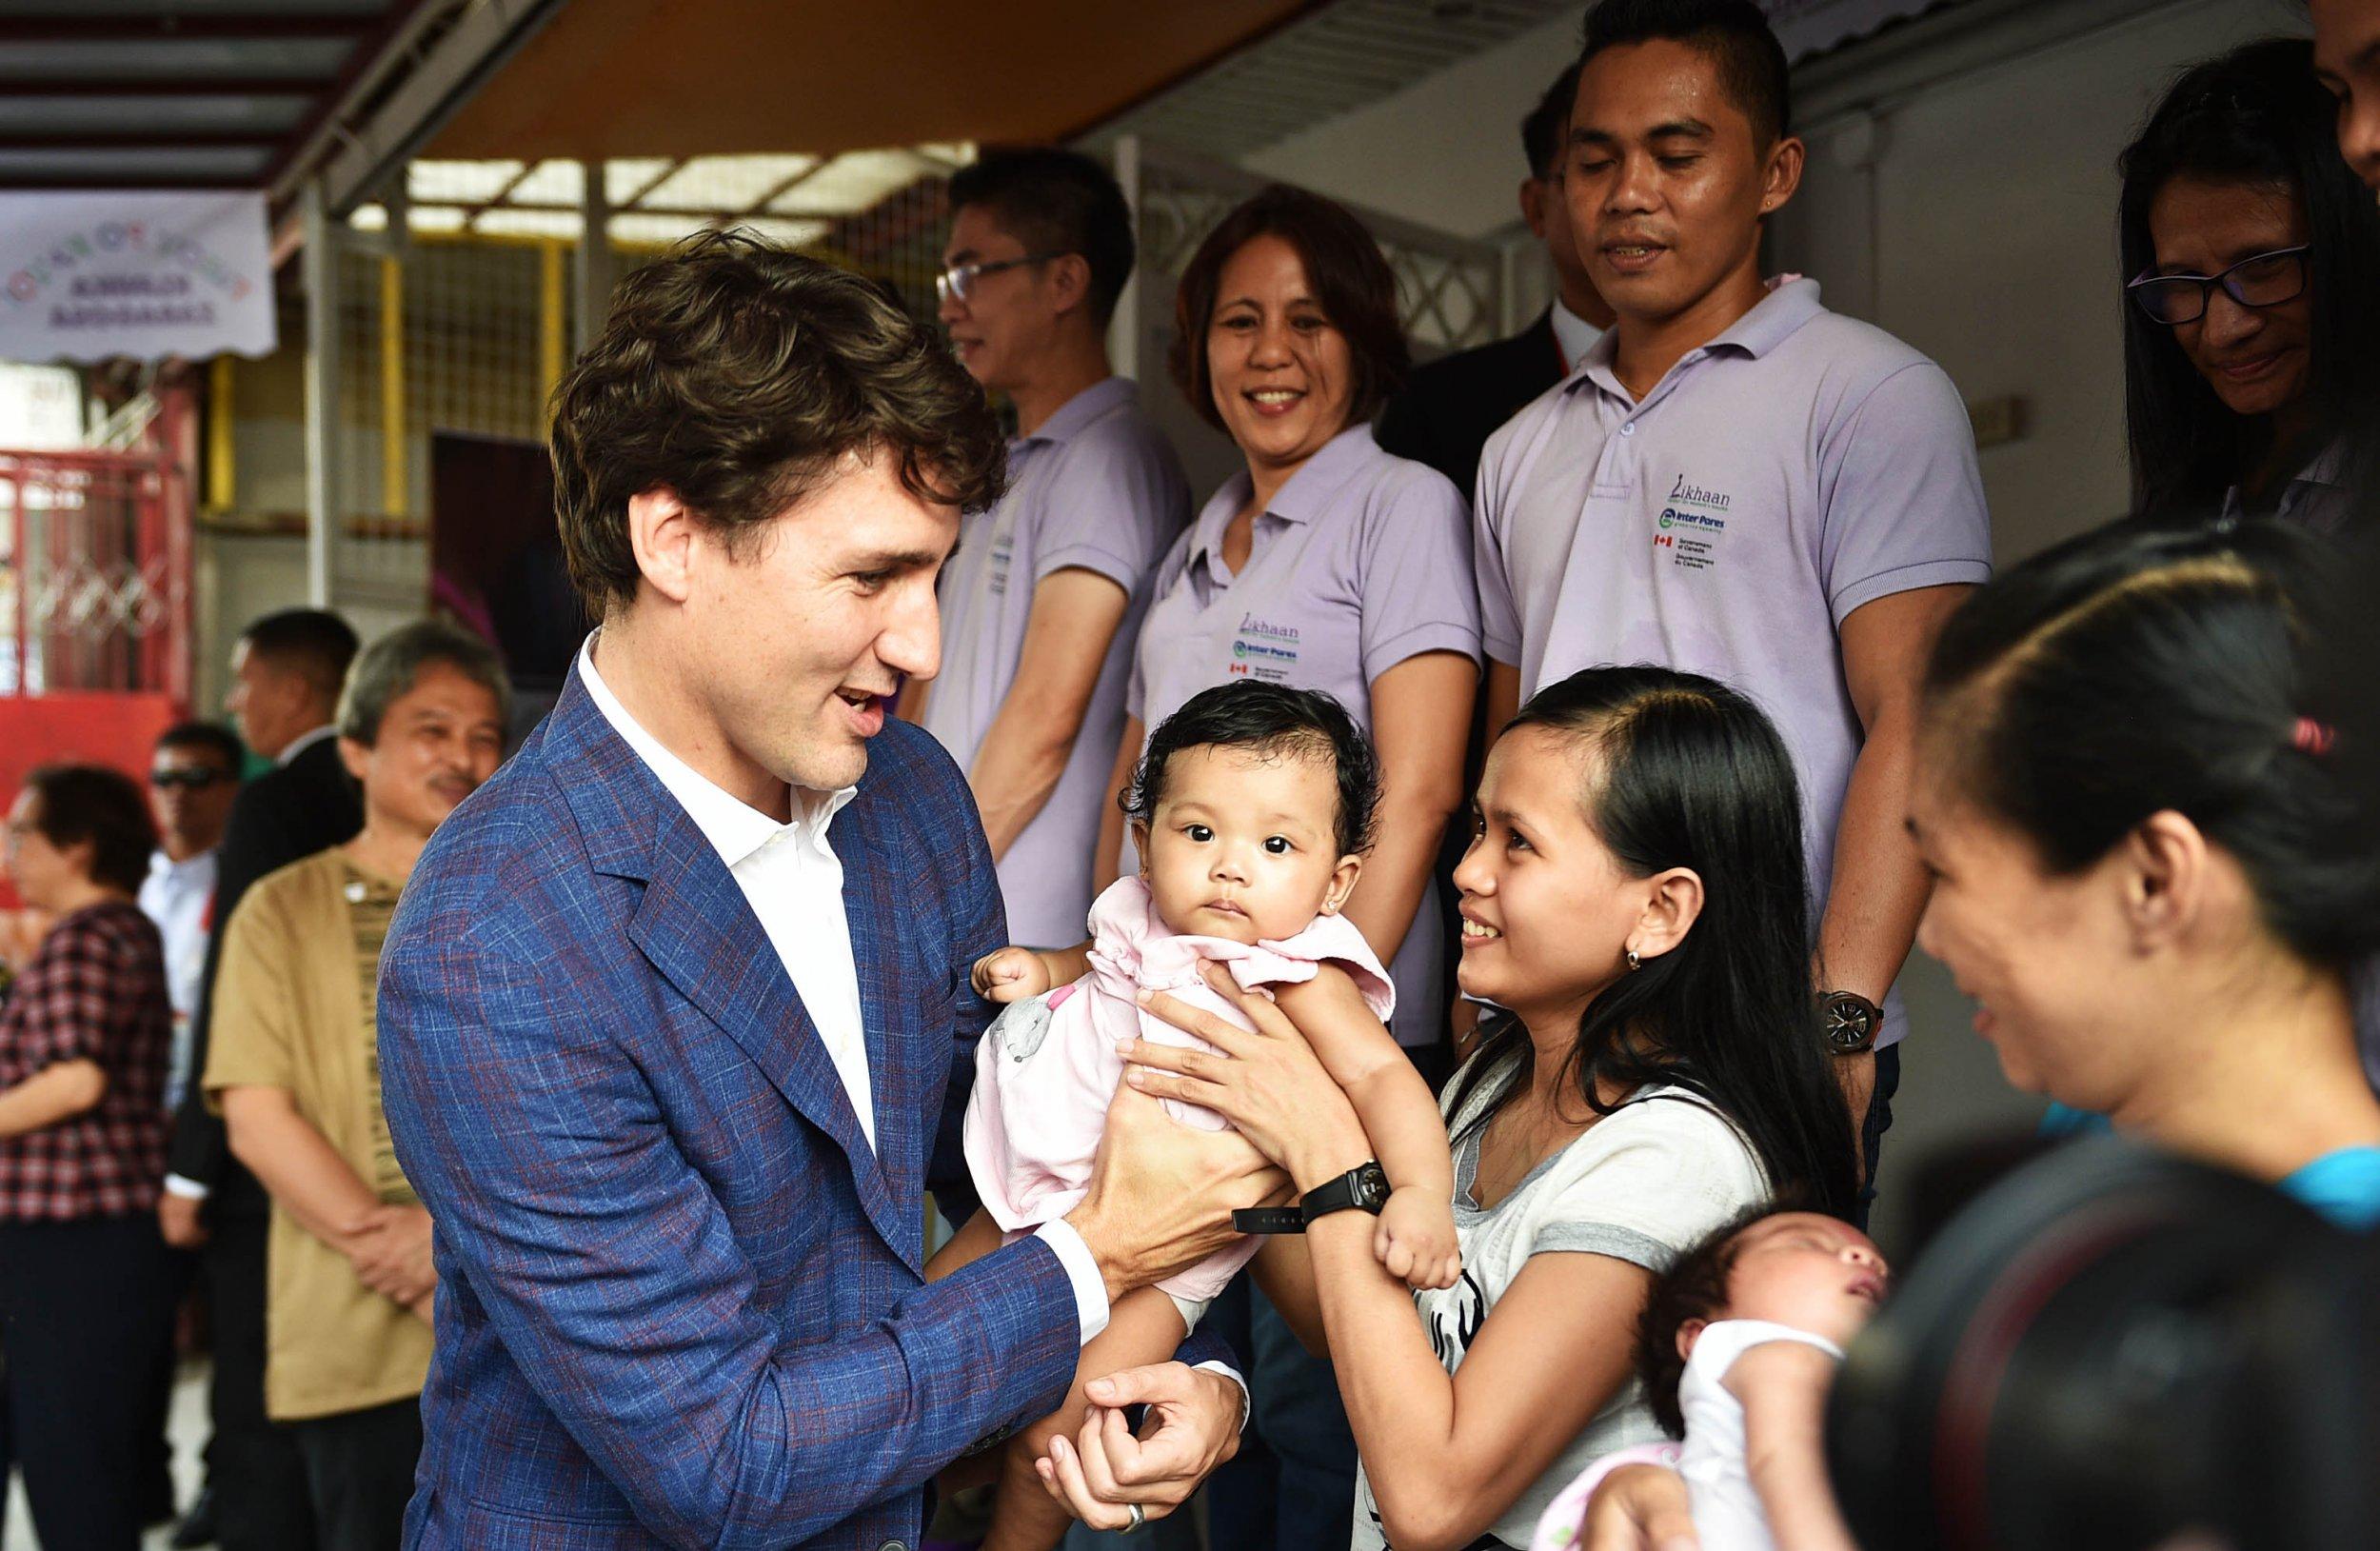 11_13_Trudeau_popular